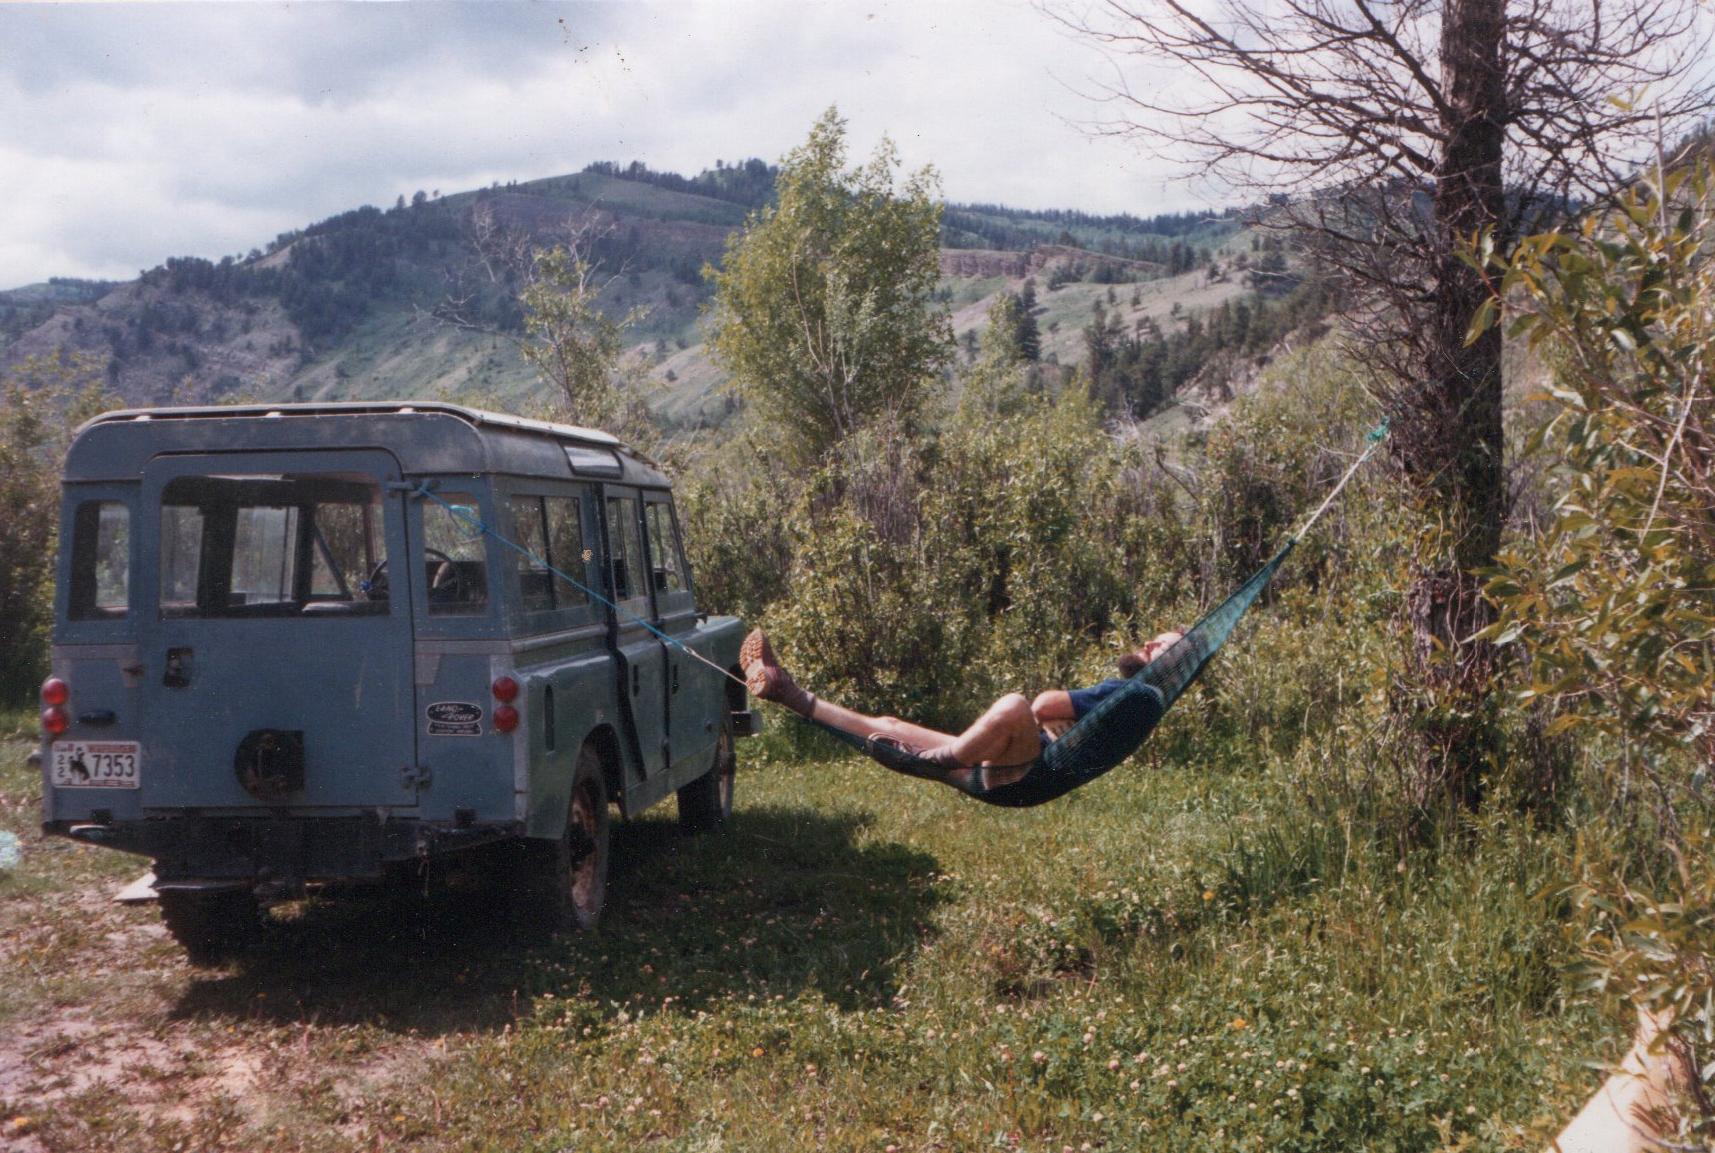 Rover BT hammock